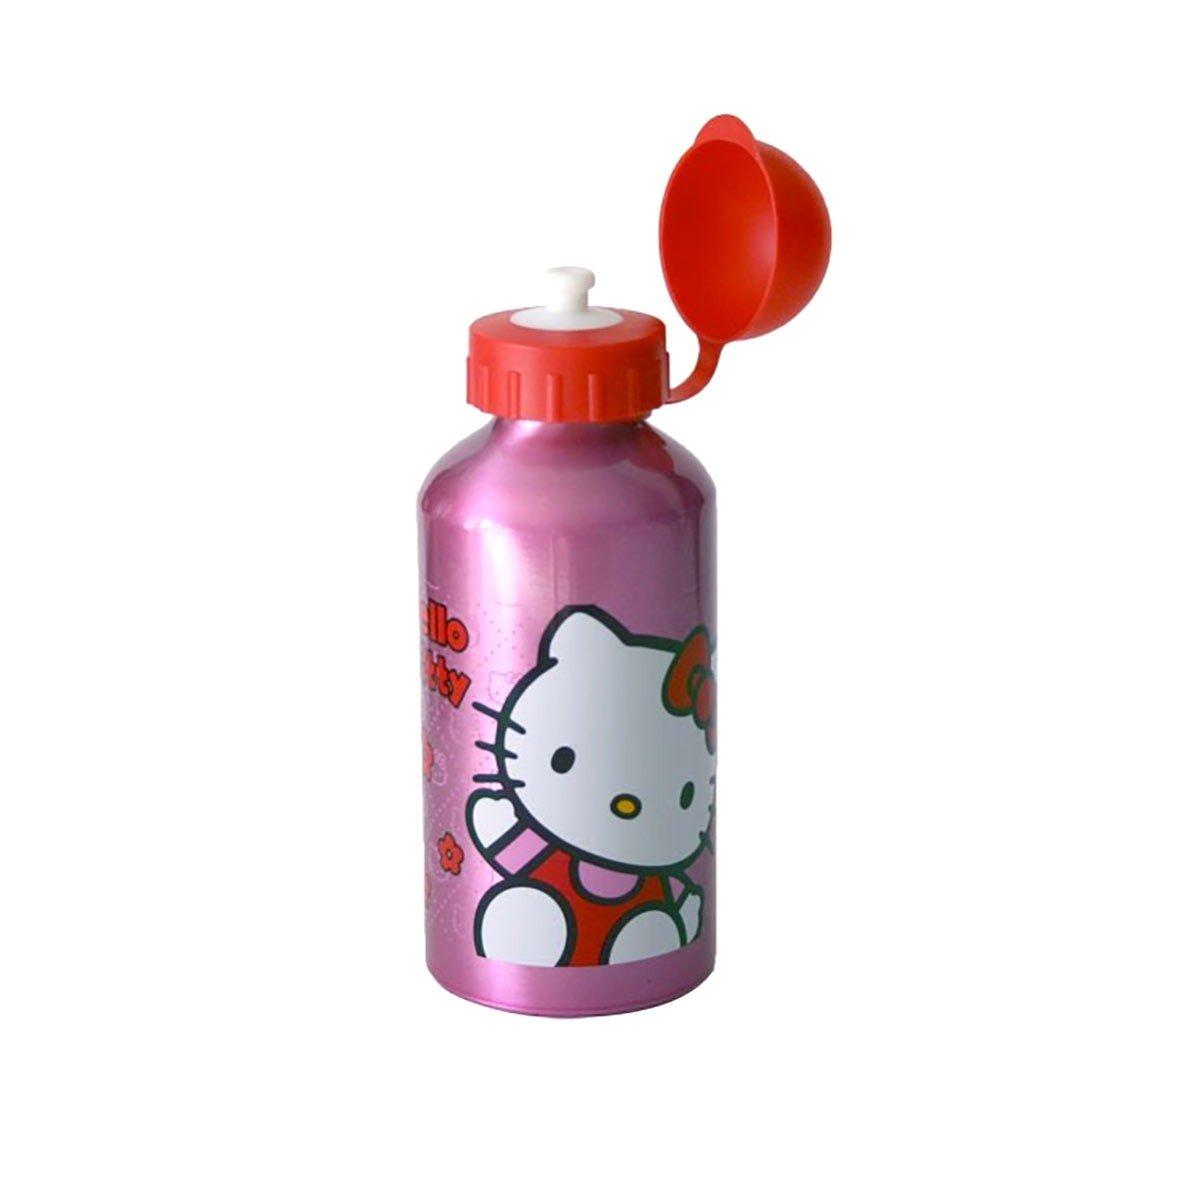 Botella Hello Kitty Girls Pink /& Red de agua de aluminio